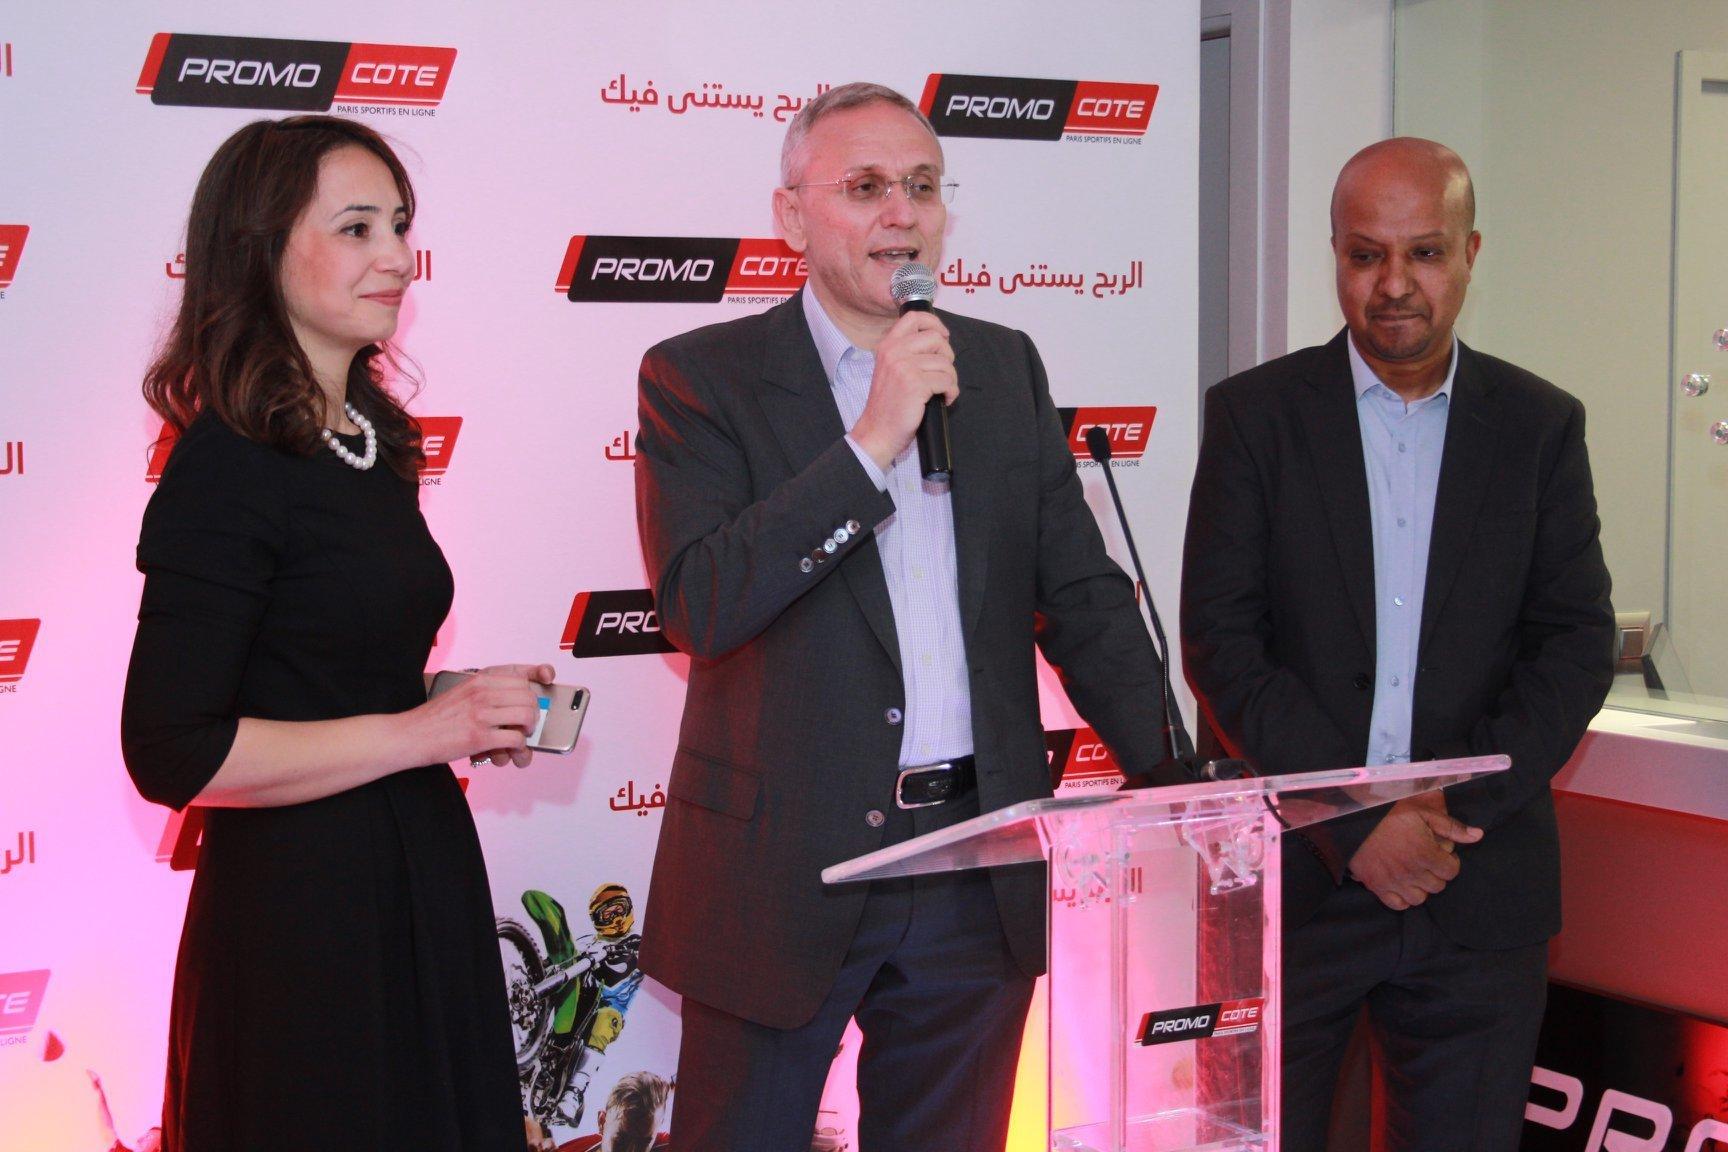 La première boutique de paris sportifs en live voit le jour: Interview de Khayem Malek, l'homme derrière...